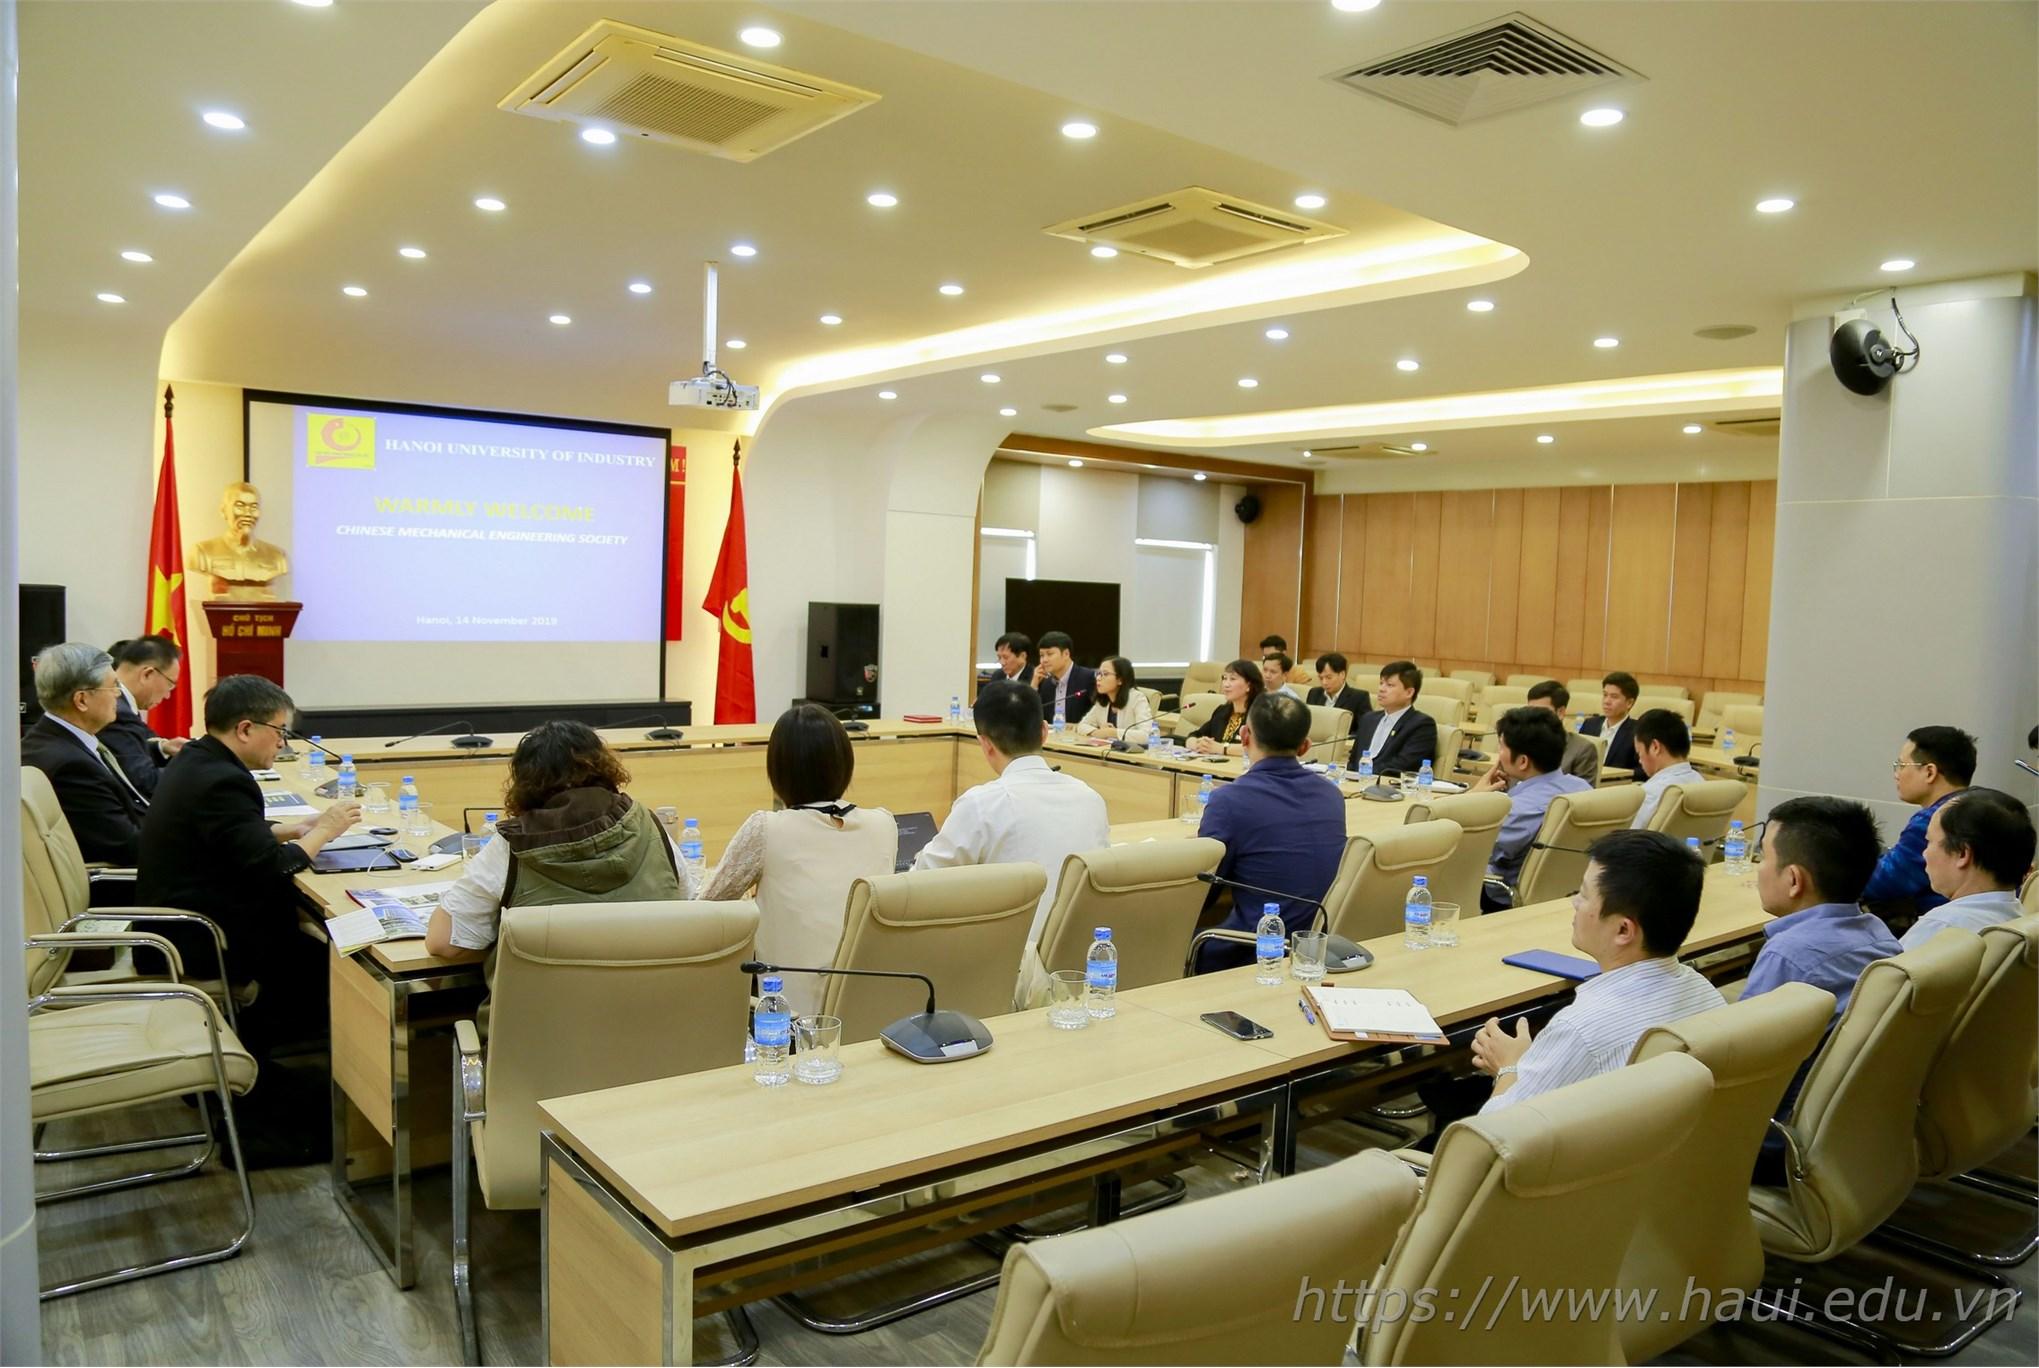 Đoàn đại biểu Hiệp hội Cơ khí Trung Quốc thăm và làm việc tại trường Đại học Công nghiệp Hà Nội